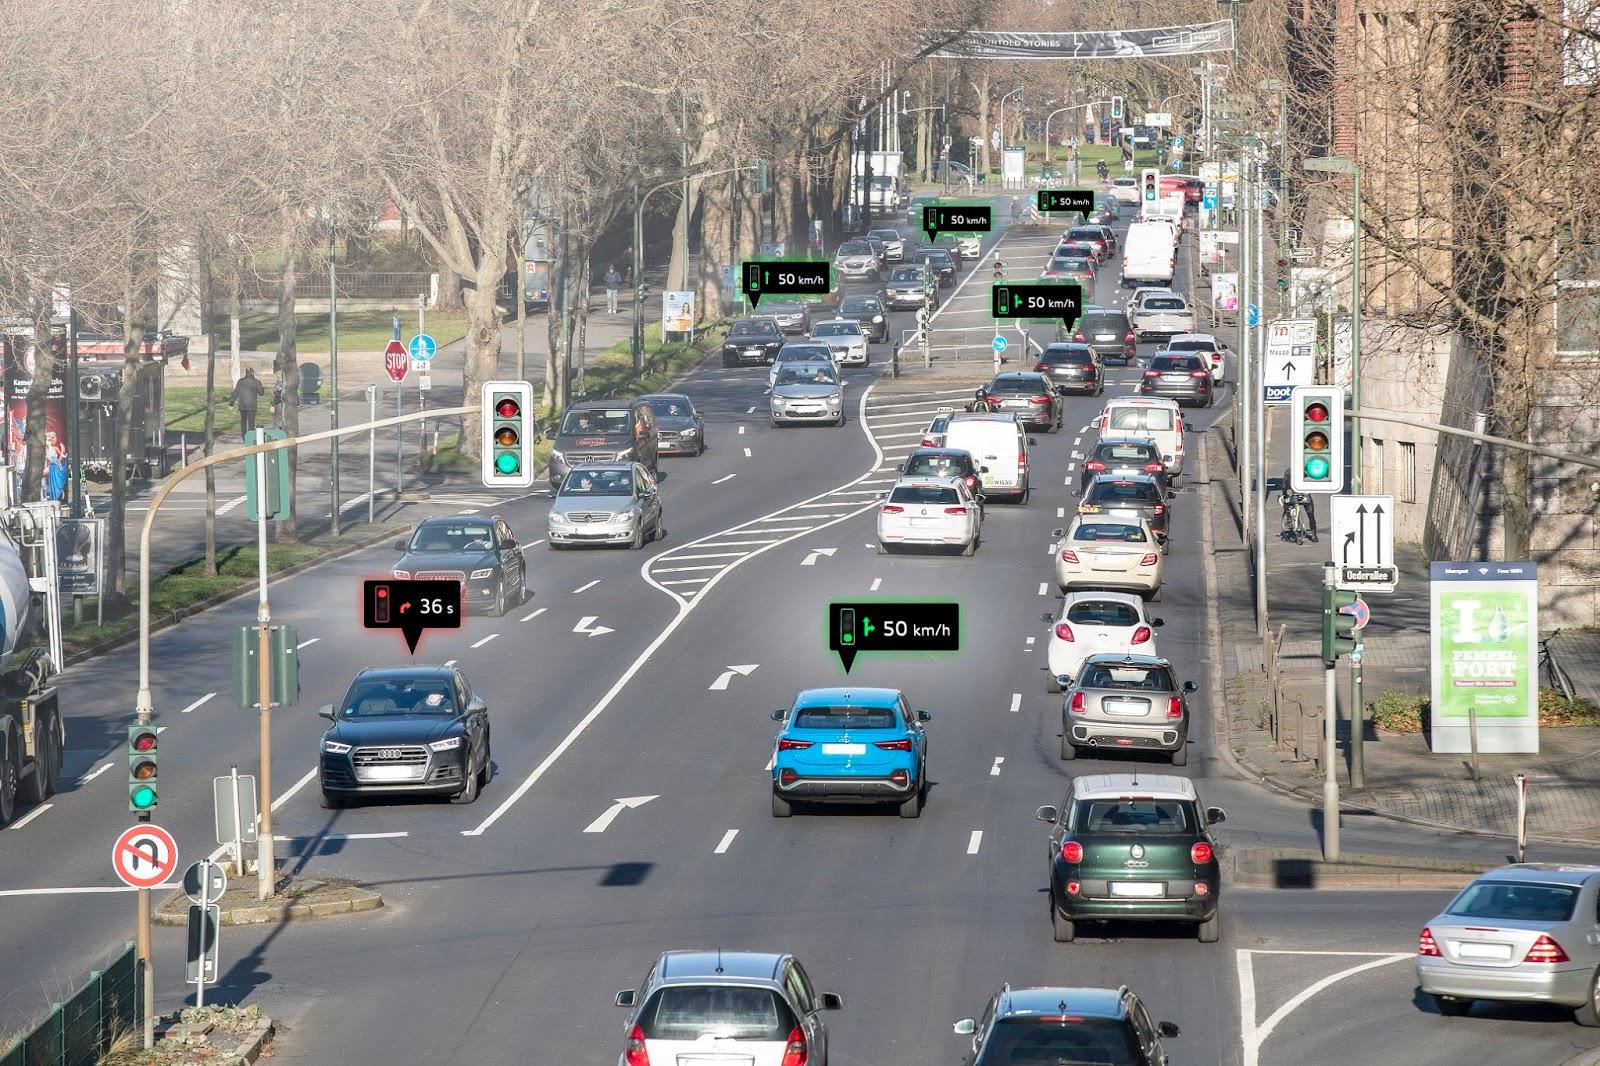 AUDI CAR TO X Προηγμένη τεχνολογία της Audi αυξάνει την οδική ασφάλεια Audi, ειδήσεις